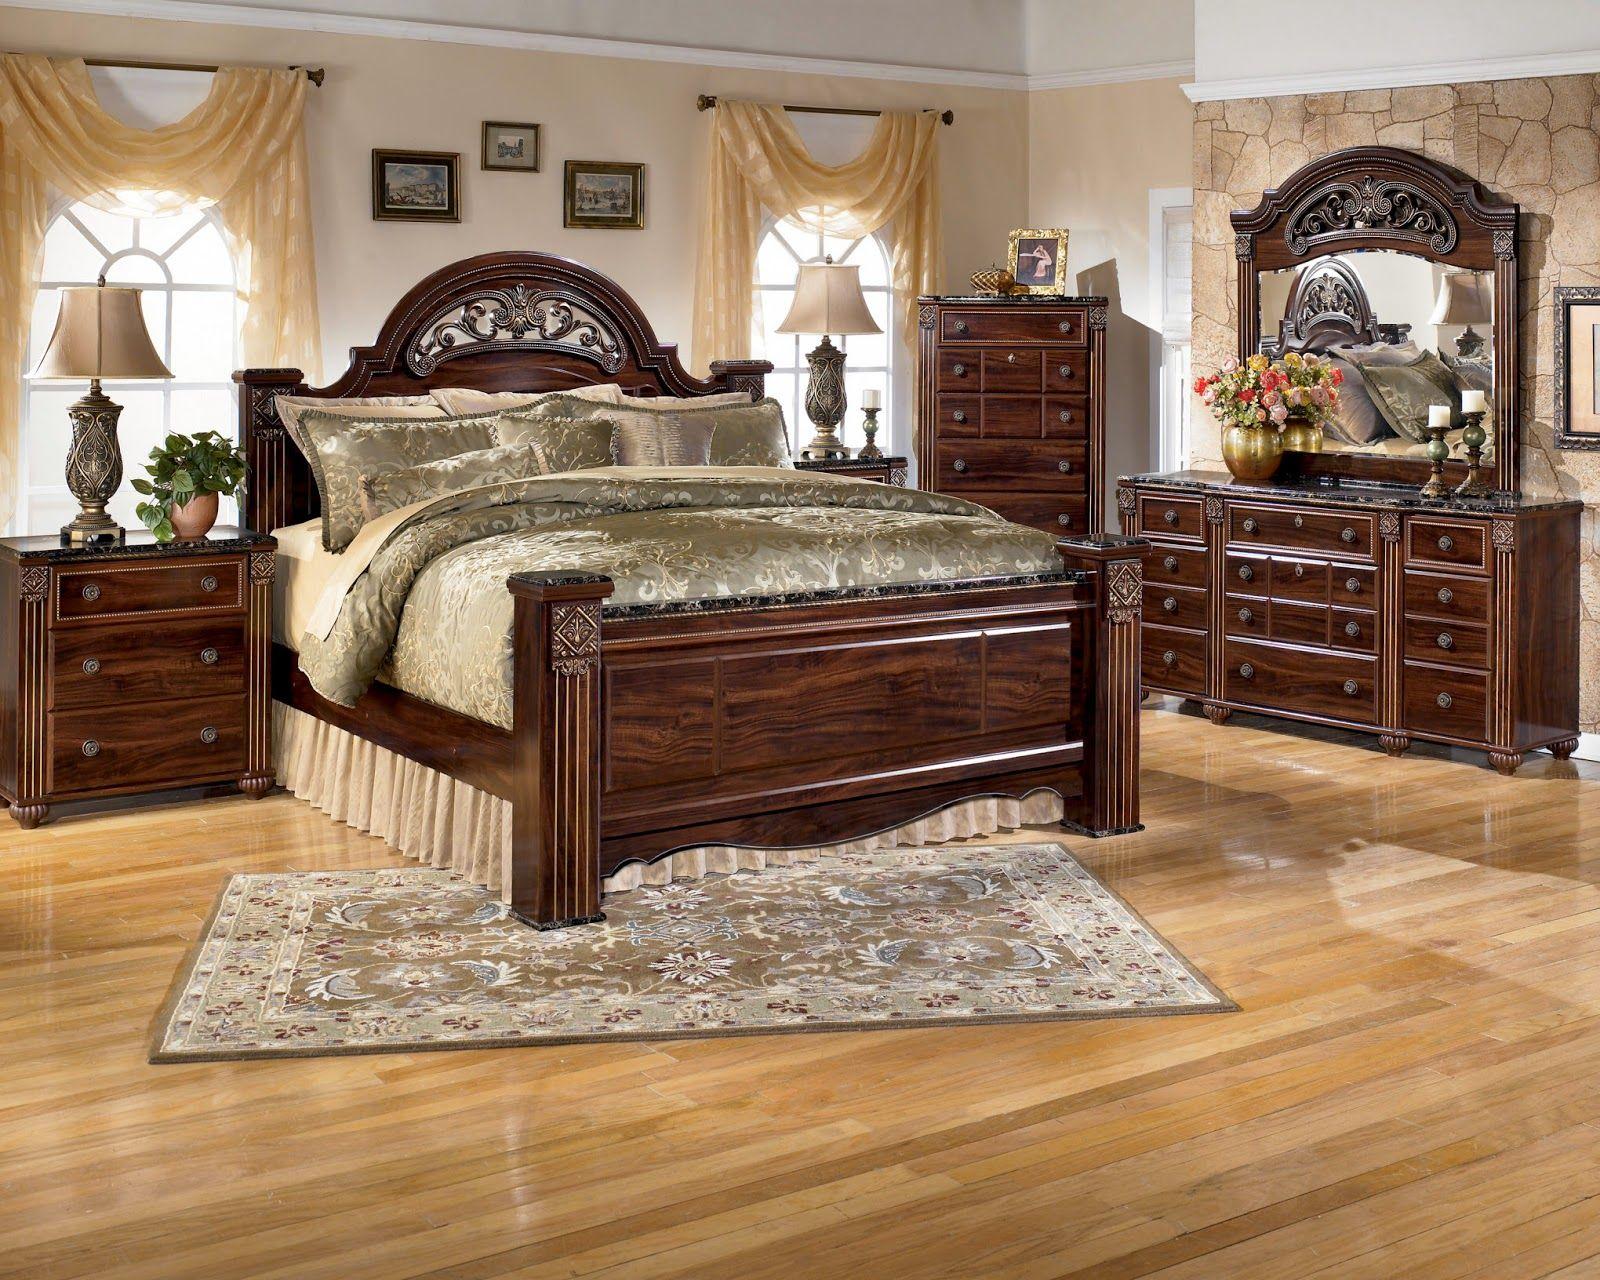 Bedroom Furniture Sale Home Decor Ide Kamar Tidur Mebel Perabot